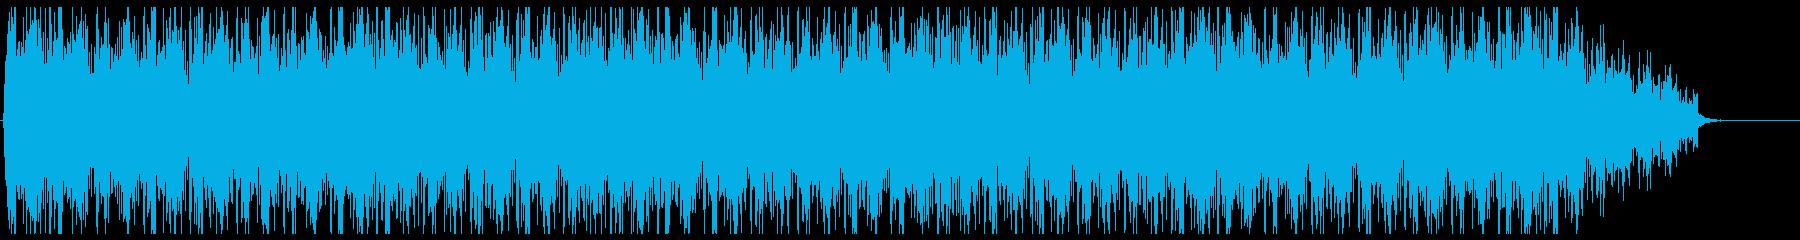 巨大な構造物が稼働するような環境音の再生済みの波形